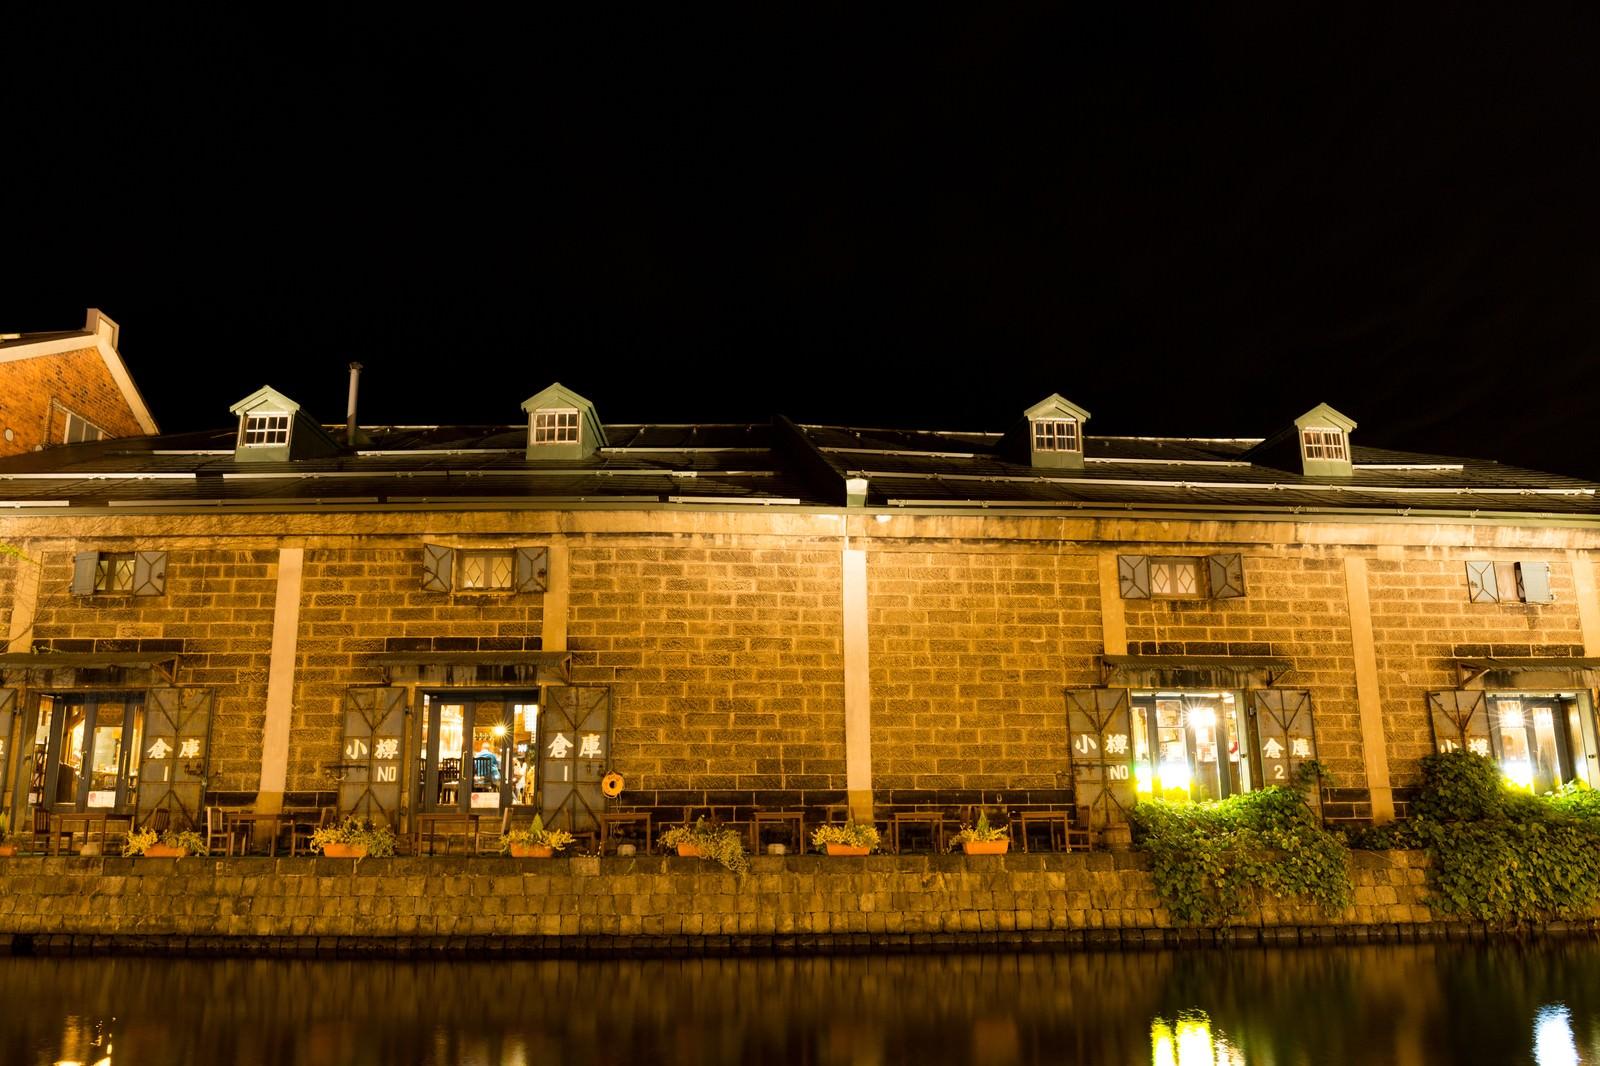 「小樽運河の倉庫」の写真